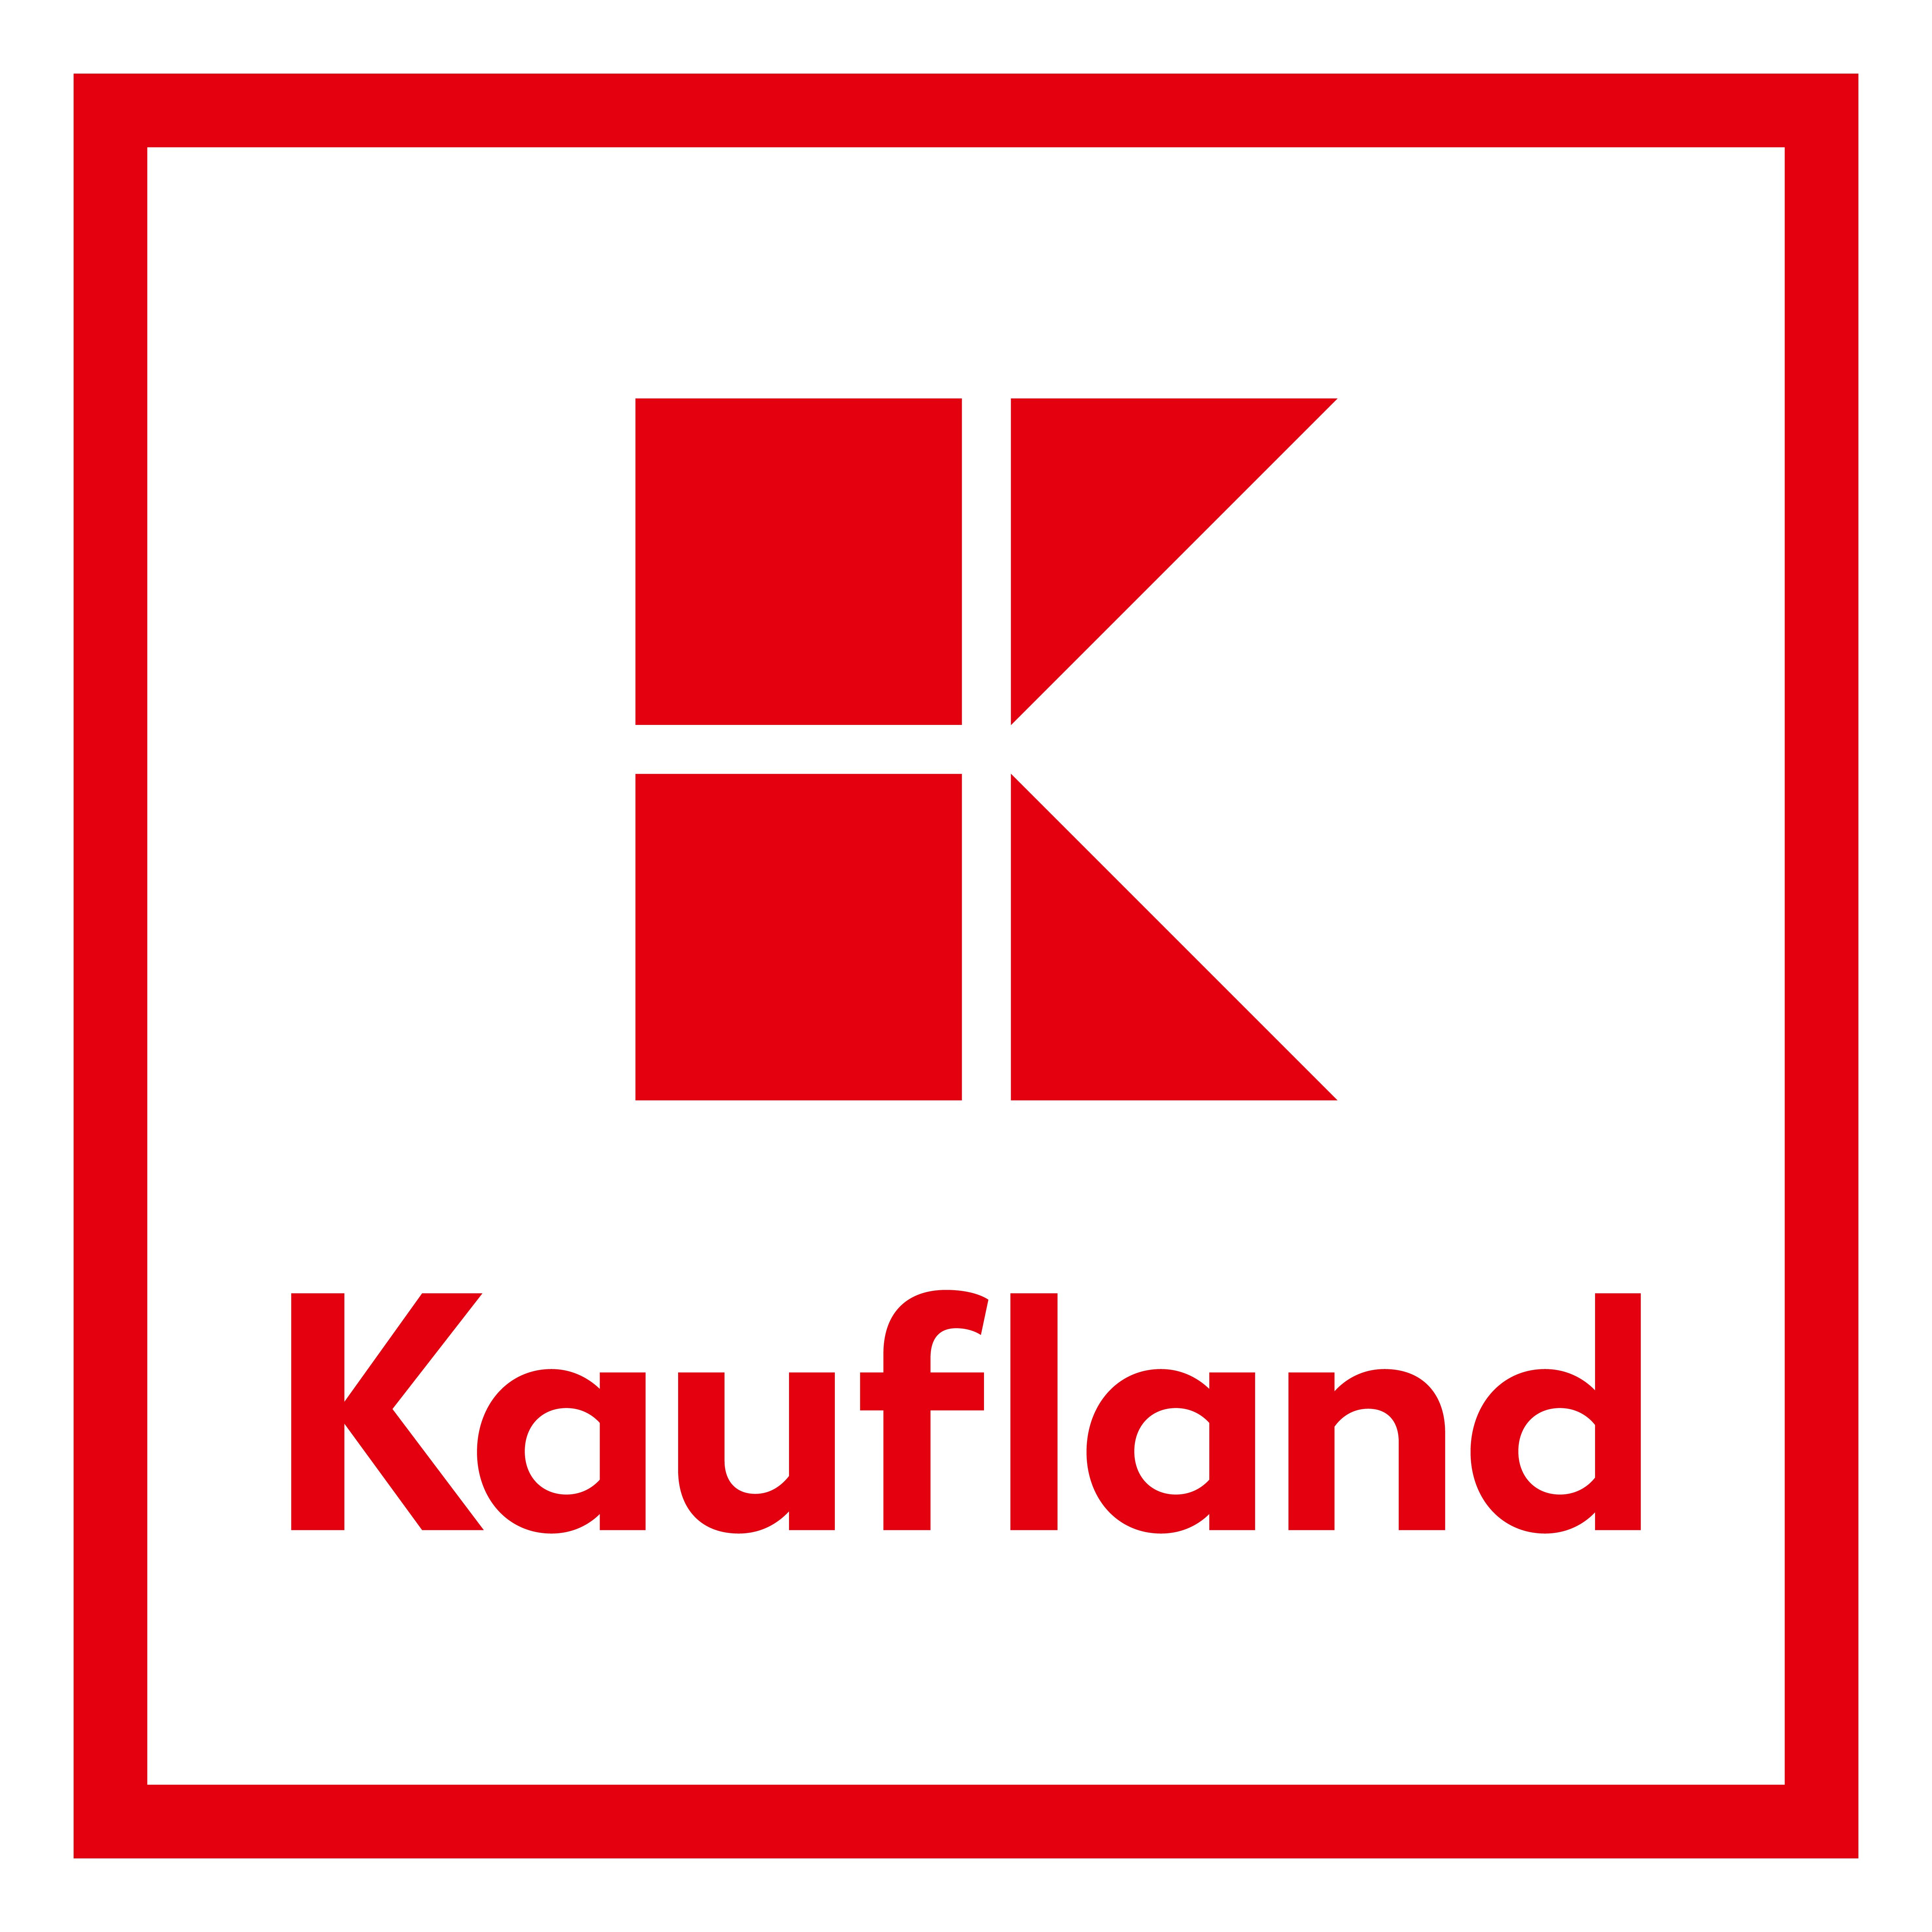 Kaufland Chomutov-Otvice